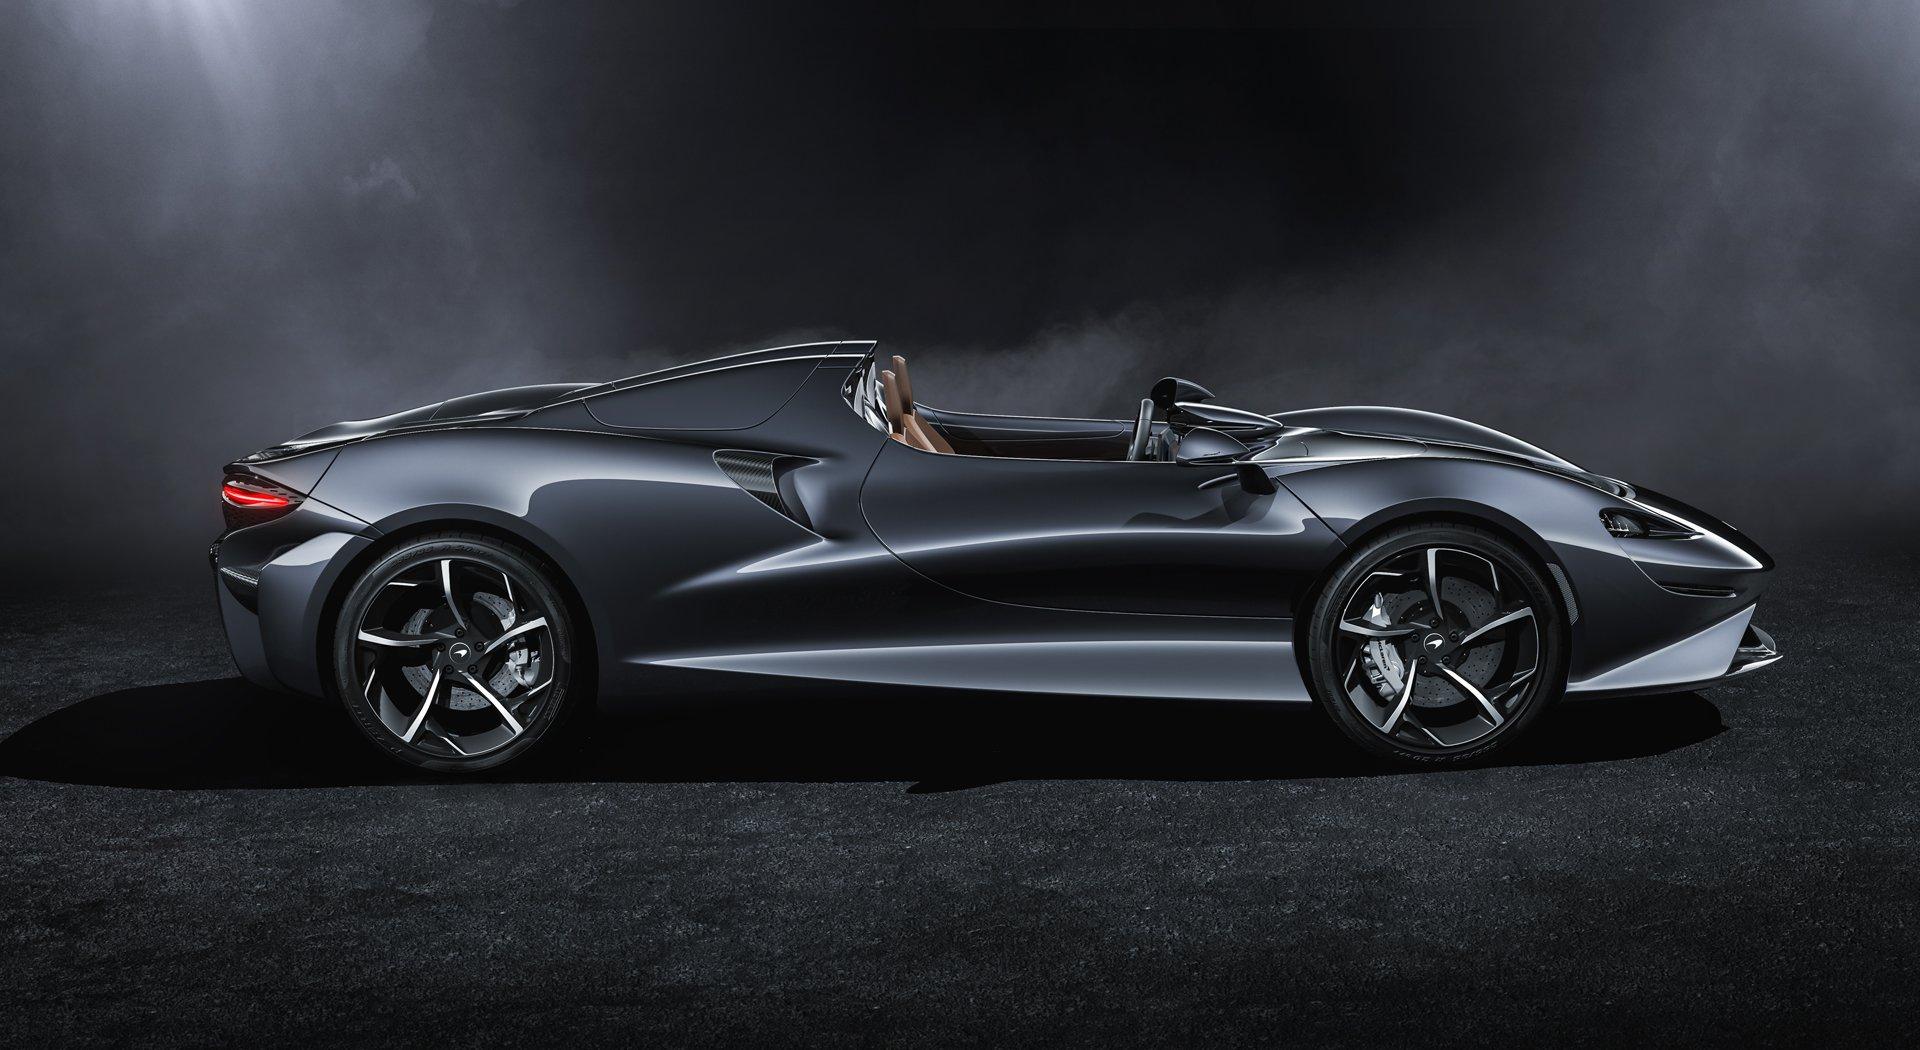 Der McLaren präsentiert den neuen Elva: 850-PS für Liebhaber 1